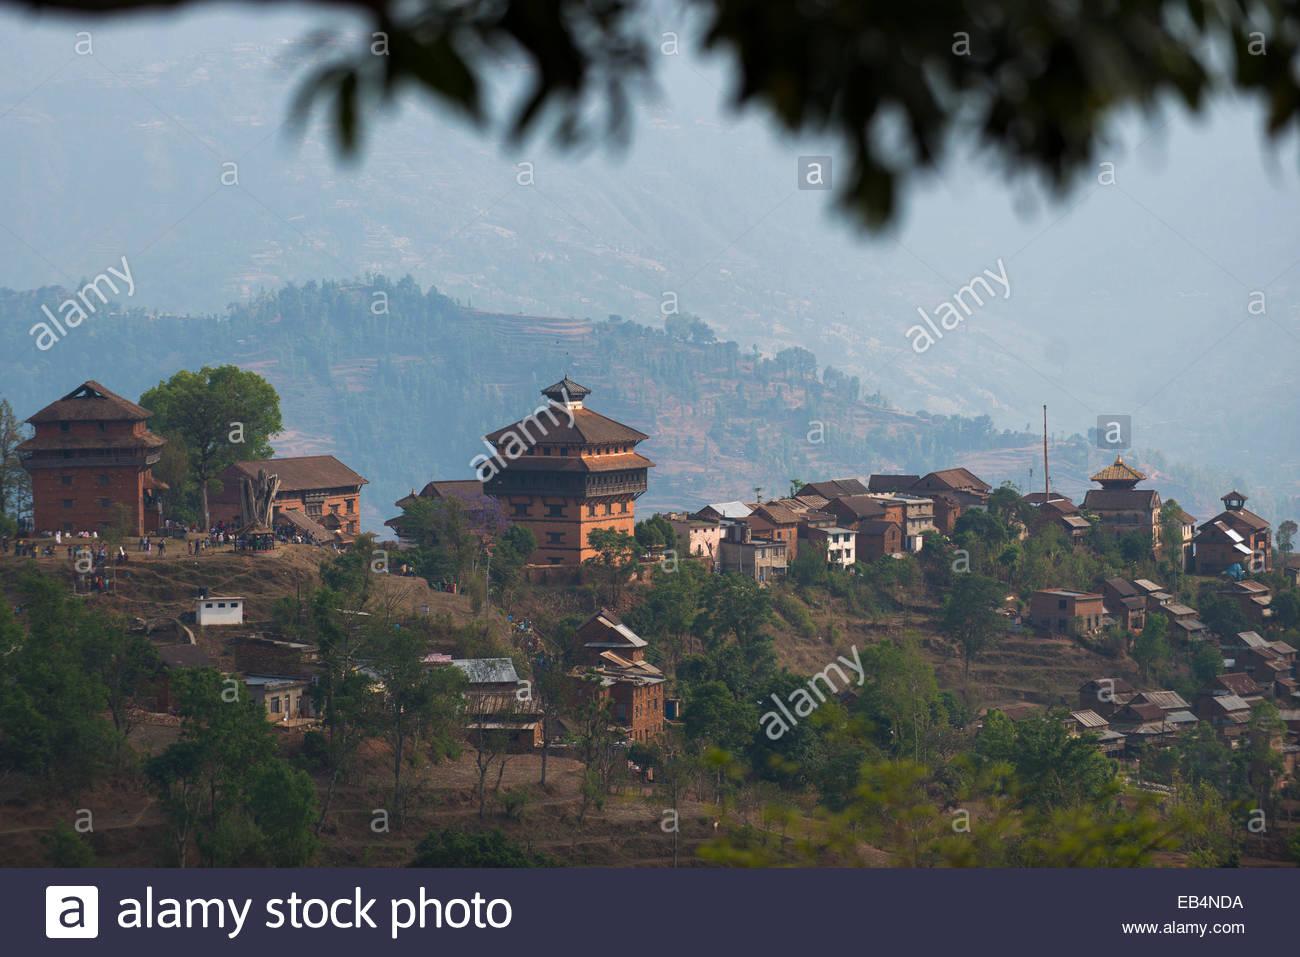 Historique Le village Newari de Nuwakot au Népal Photo Stock